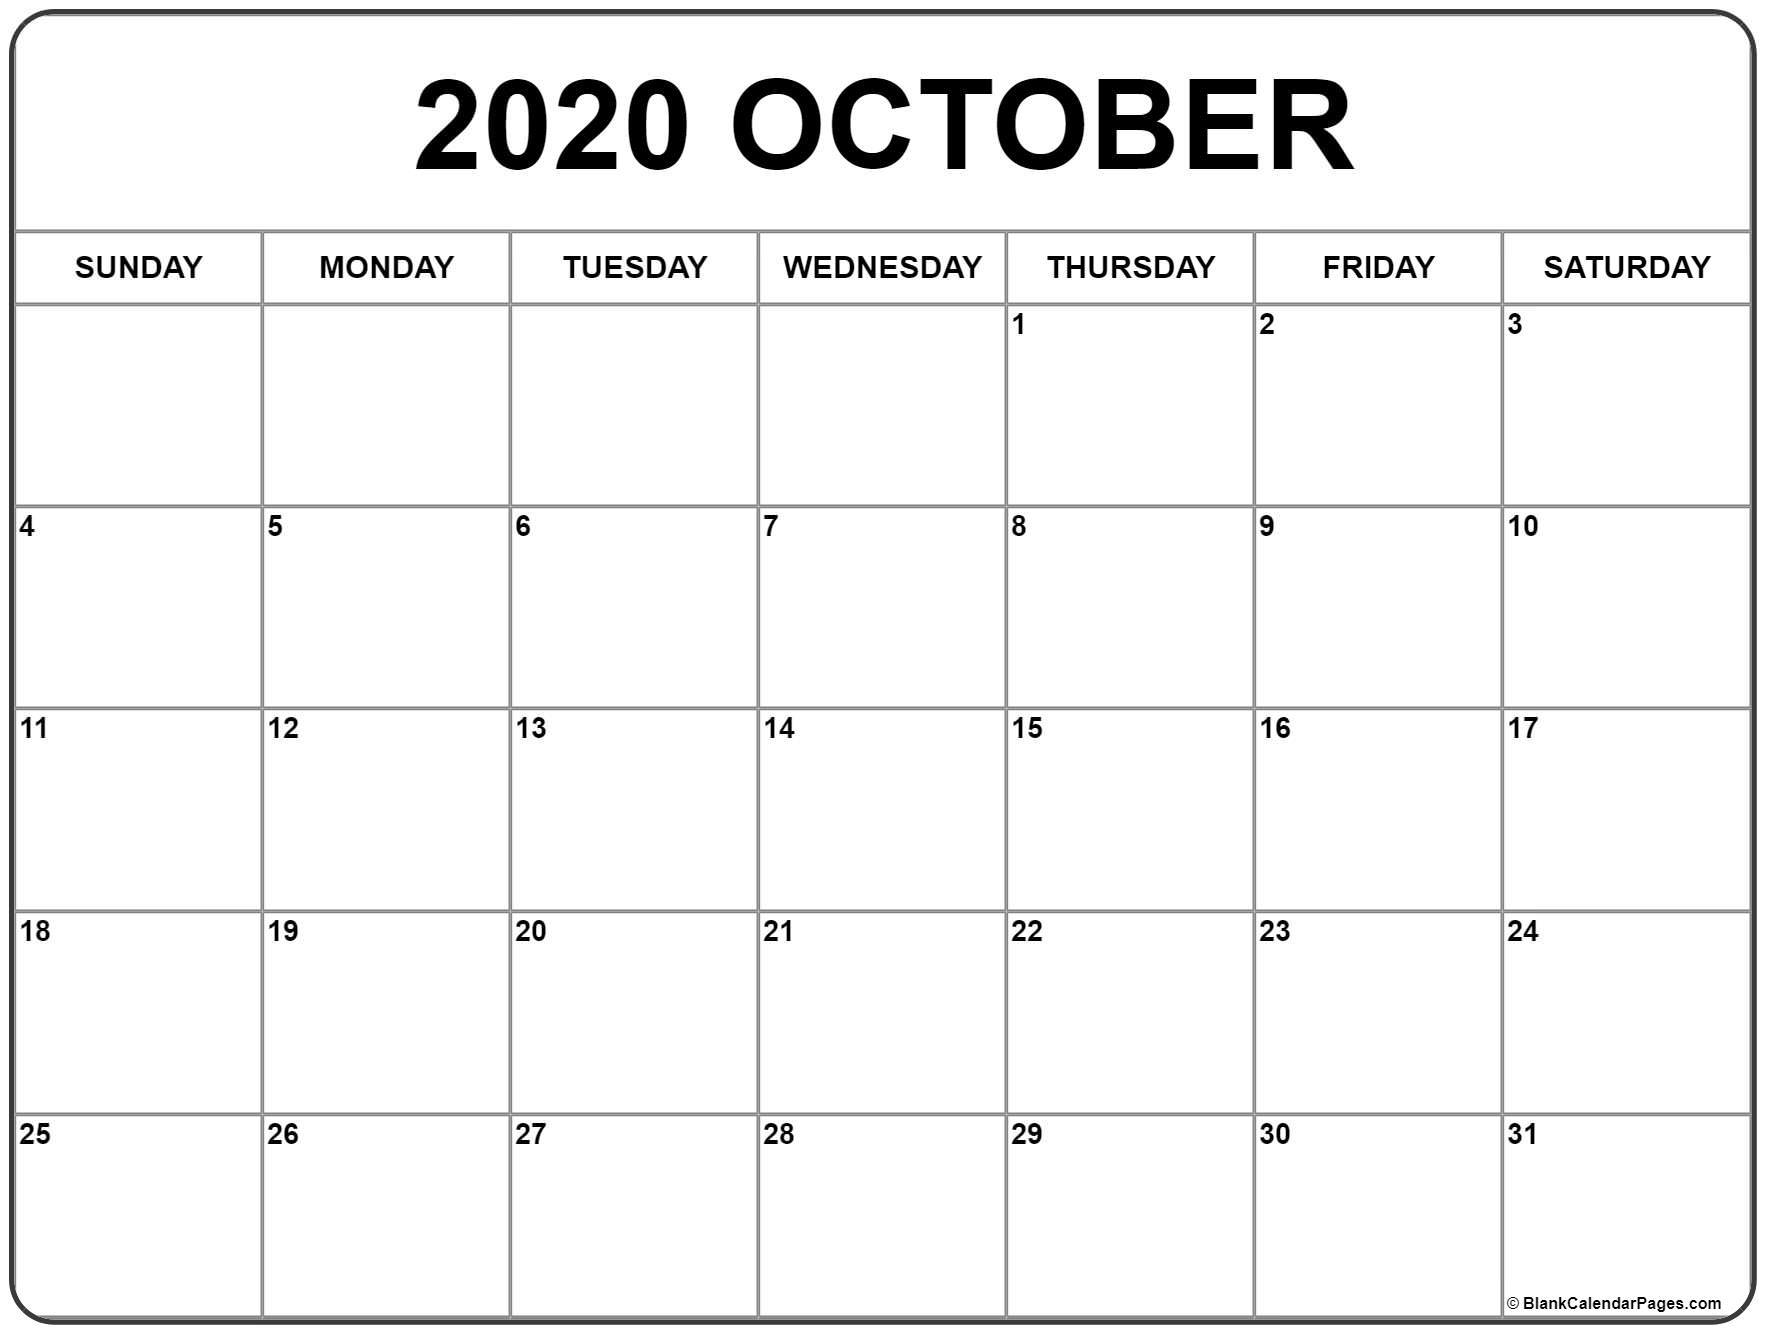 2020 Calendar October - Wpa.wpart.co